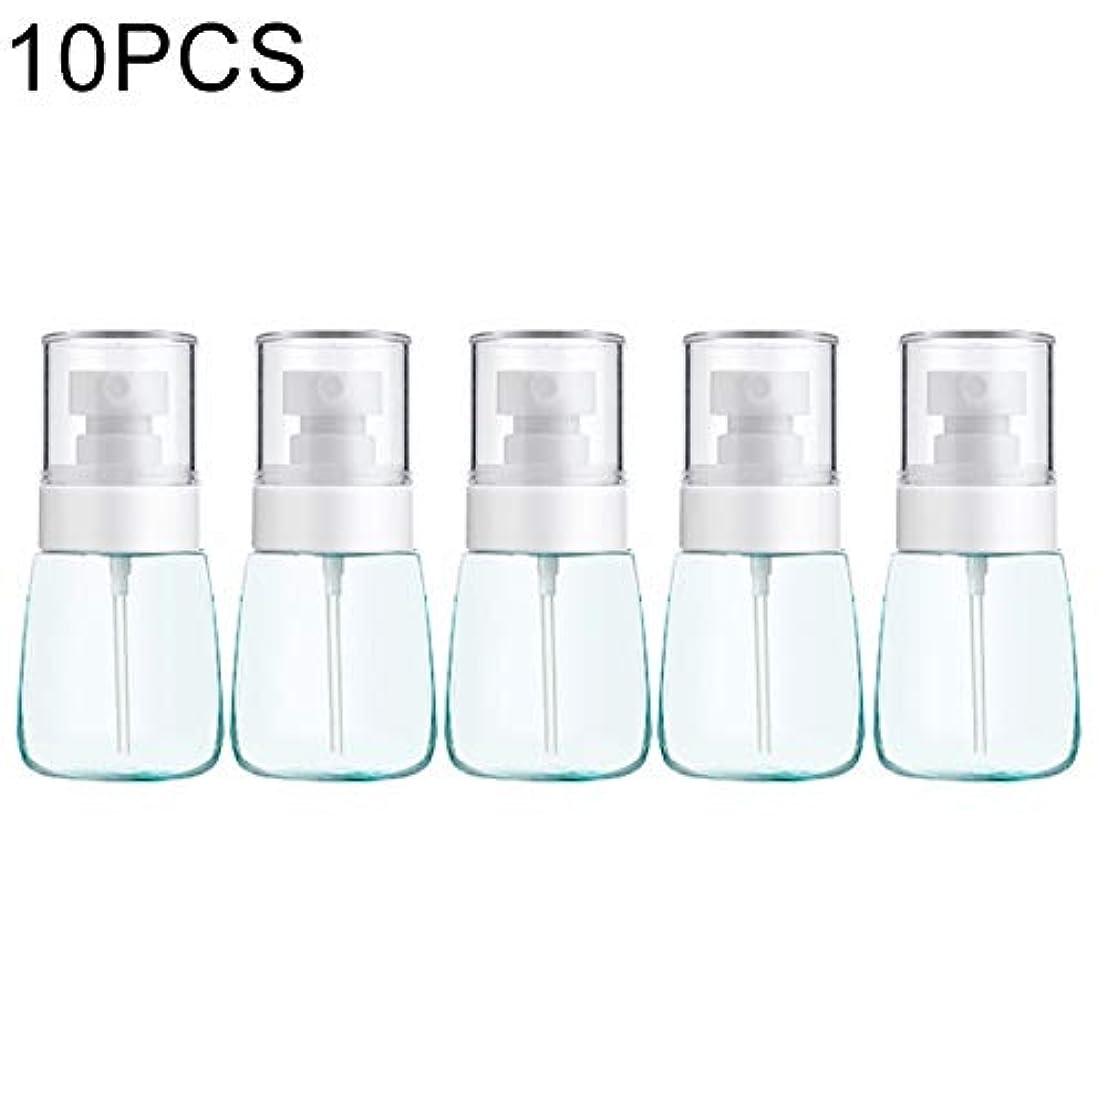 ギャングスターエンコミウム溶けるMEI1JIA QUELLIA 10 PCSポータブル詰め替えプラスチックファインミスト香水スプレーボトル透明な空のスプレースプレーボトル、30ミリリットル(ピンク) (色 : Blue)